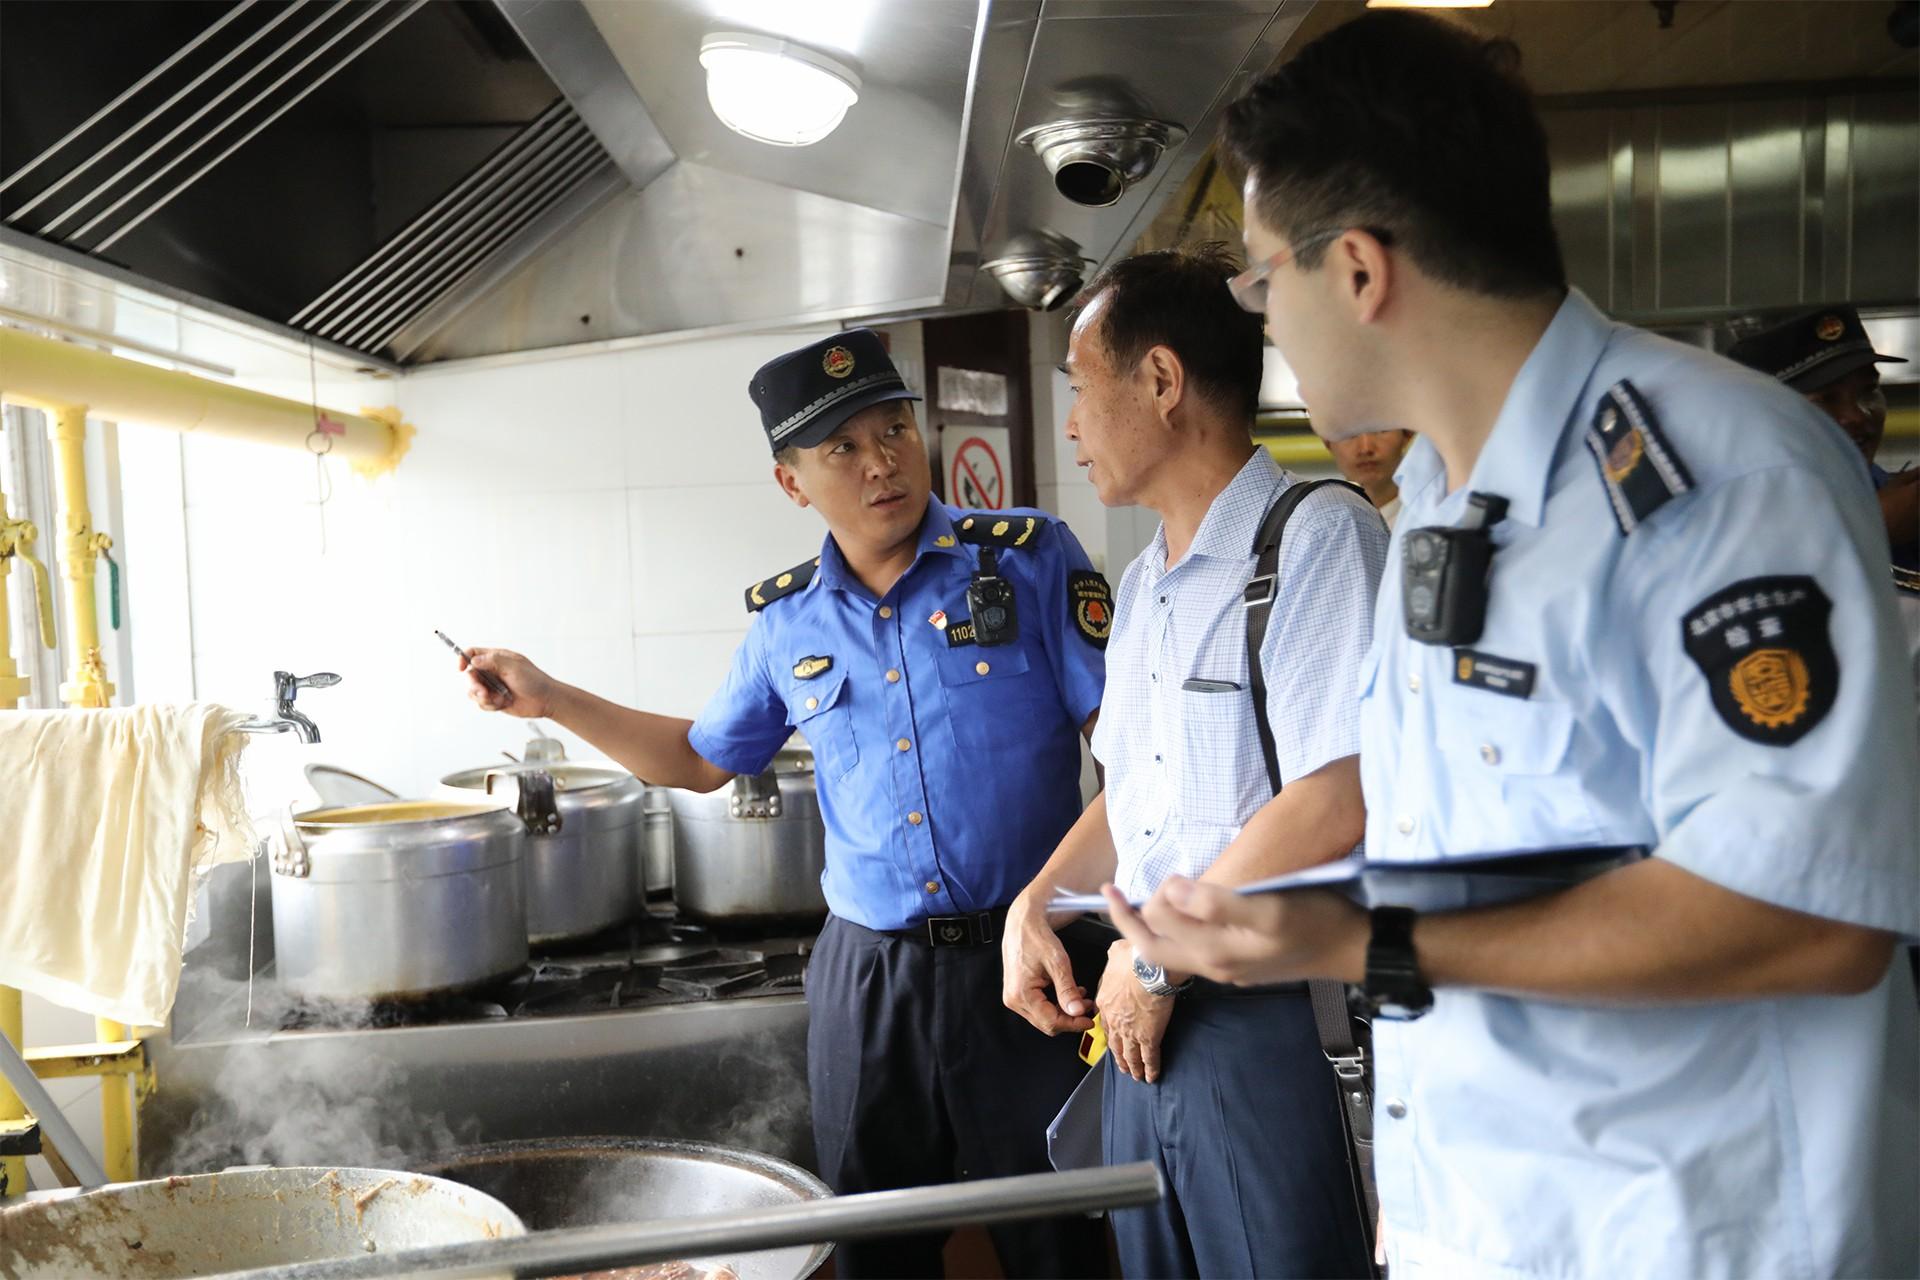 查餐馆燃气安全 城管邀专家同行